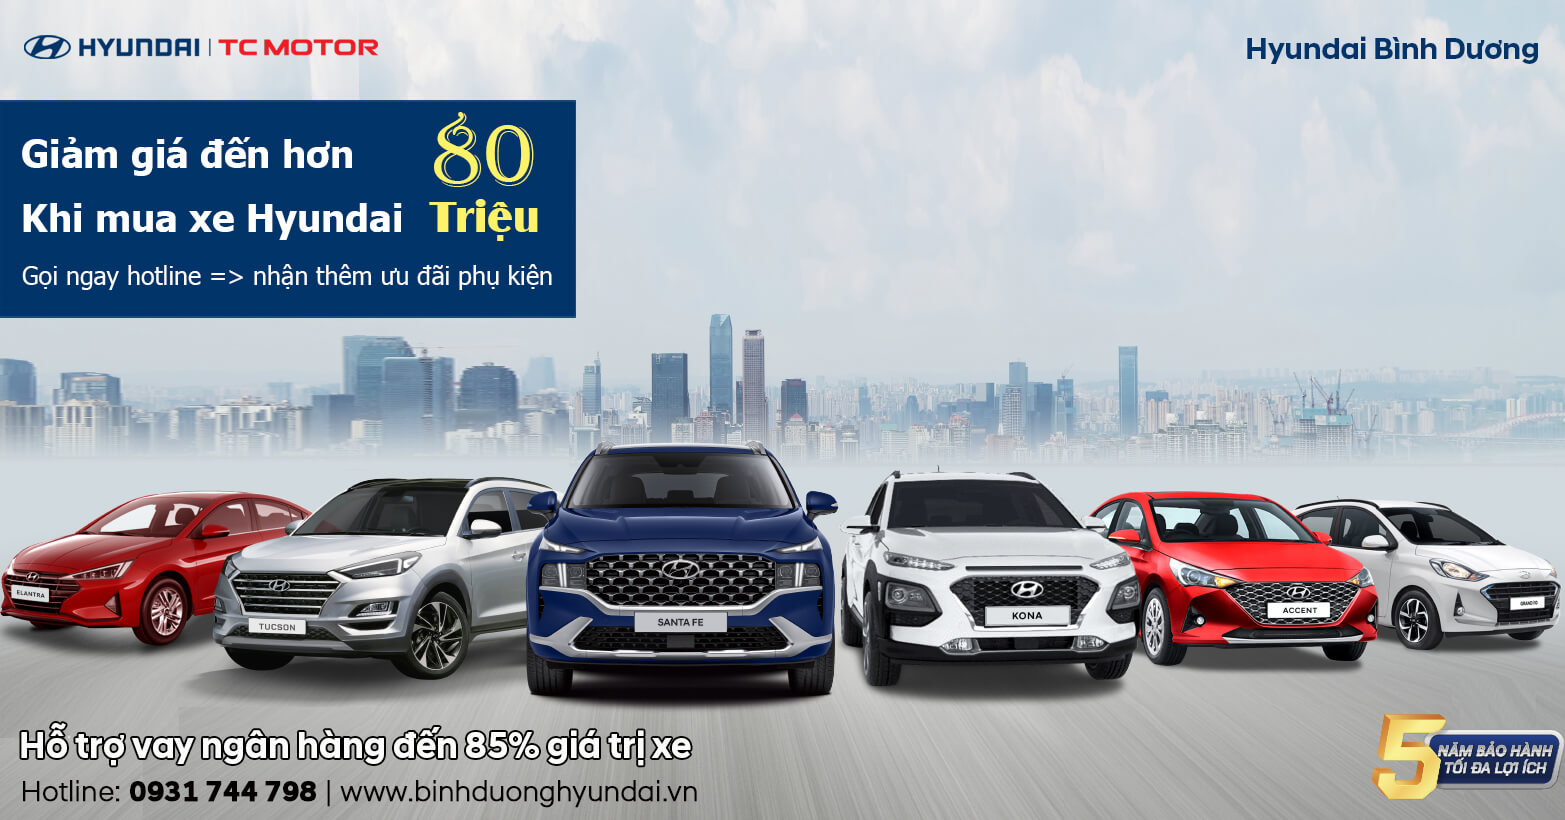 Hyundai Bình Dương - Đại lý ủy quyền của Hyundai Thành Công Việt Nam